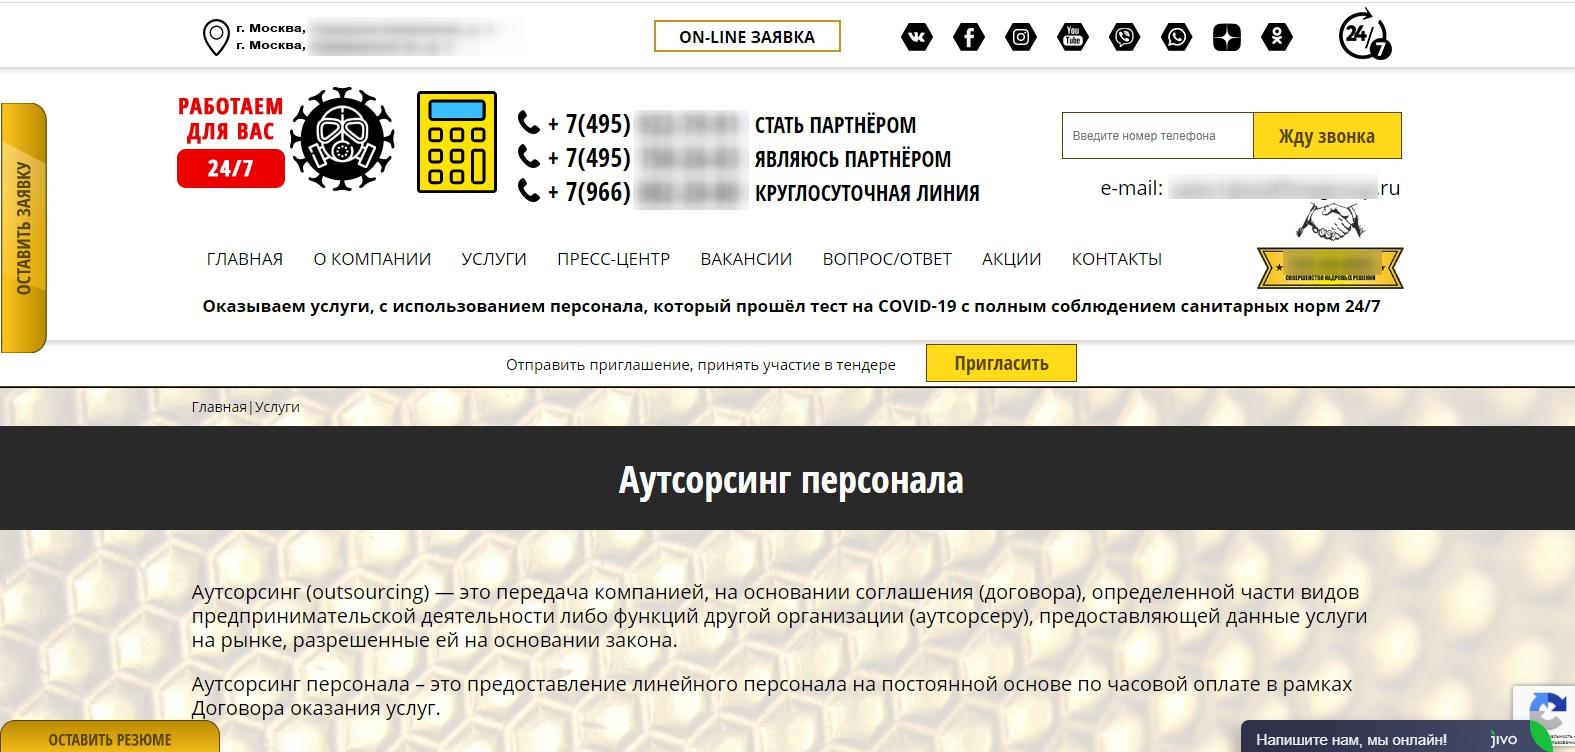 Аудит сайта – пример перегруженного сайта 3